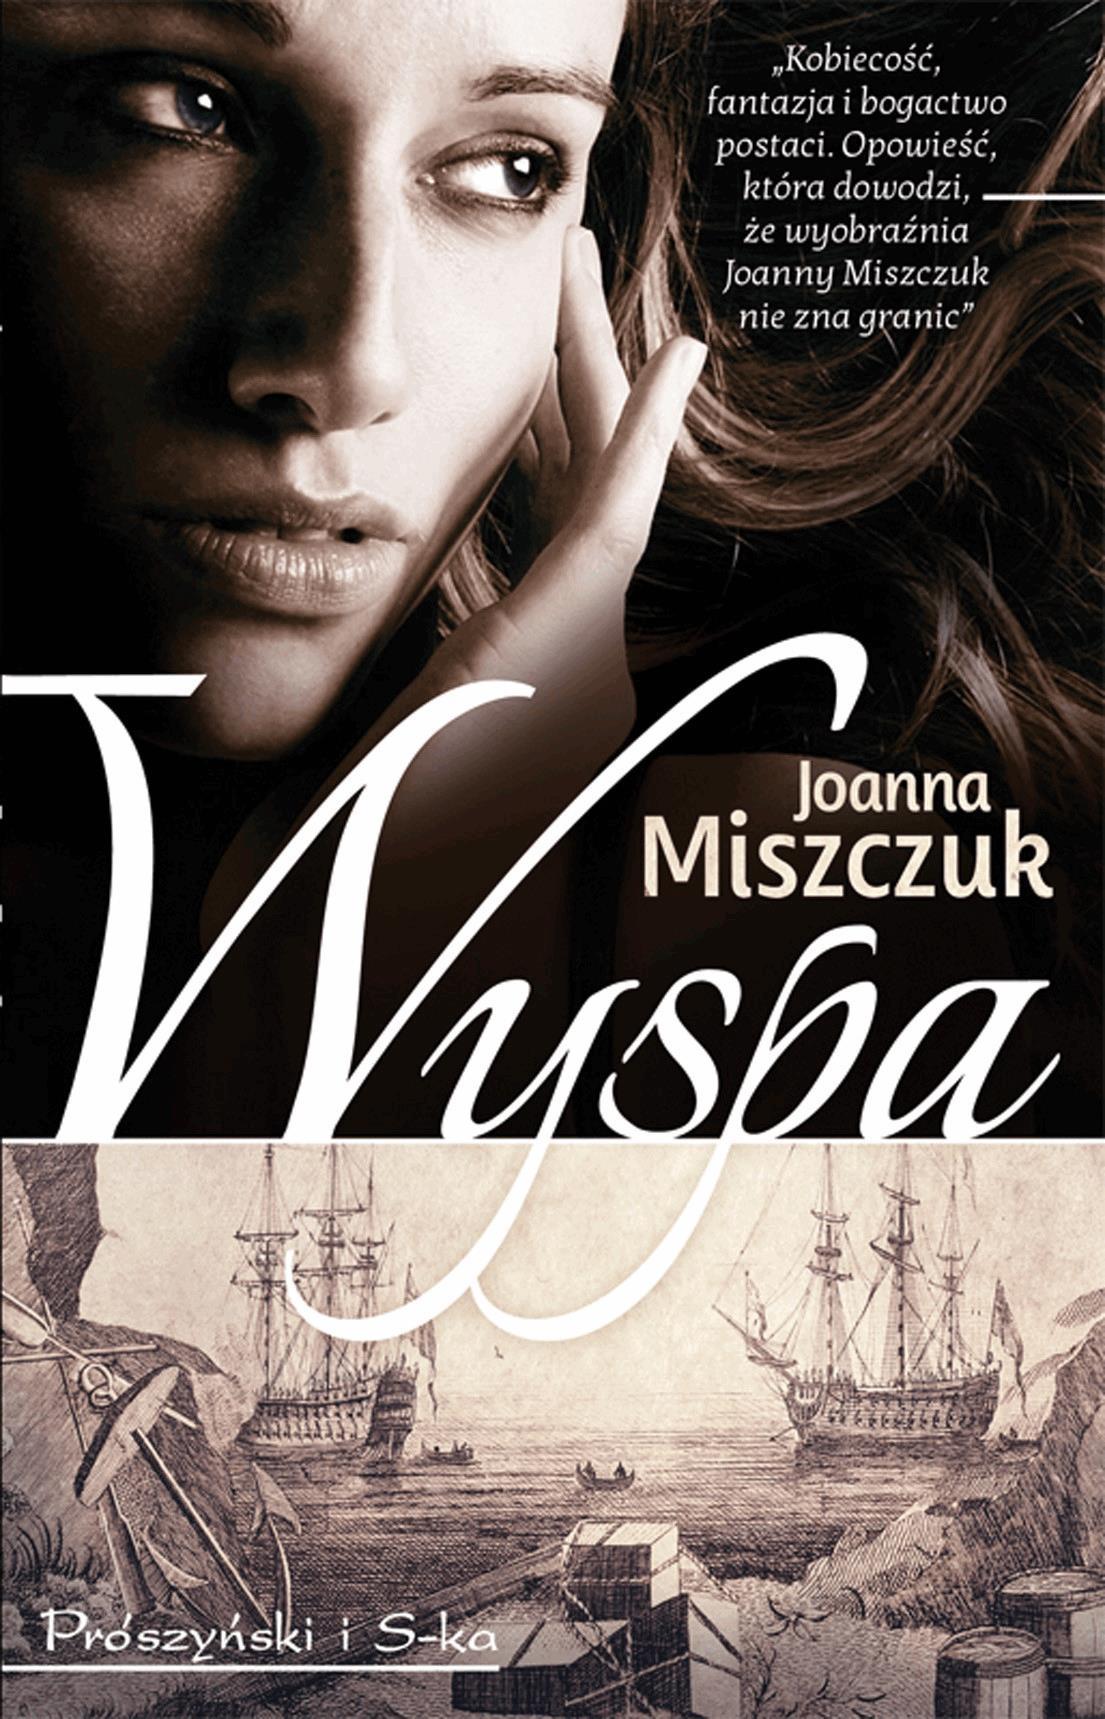 Wyspa - Tylko w Legimi możesz przeczytać ten tytuł przez 7 dni za darmo. - Joanna Miszczuk